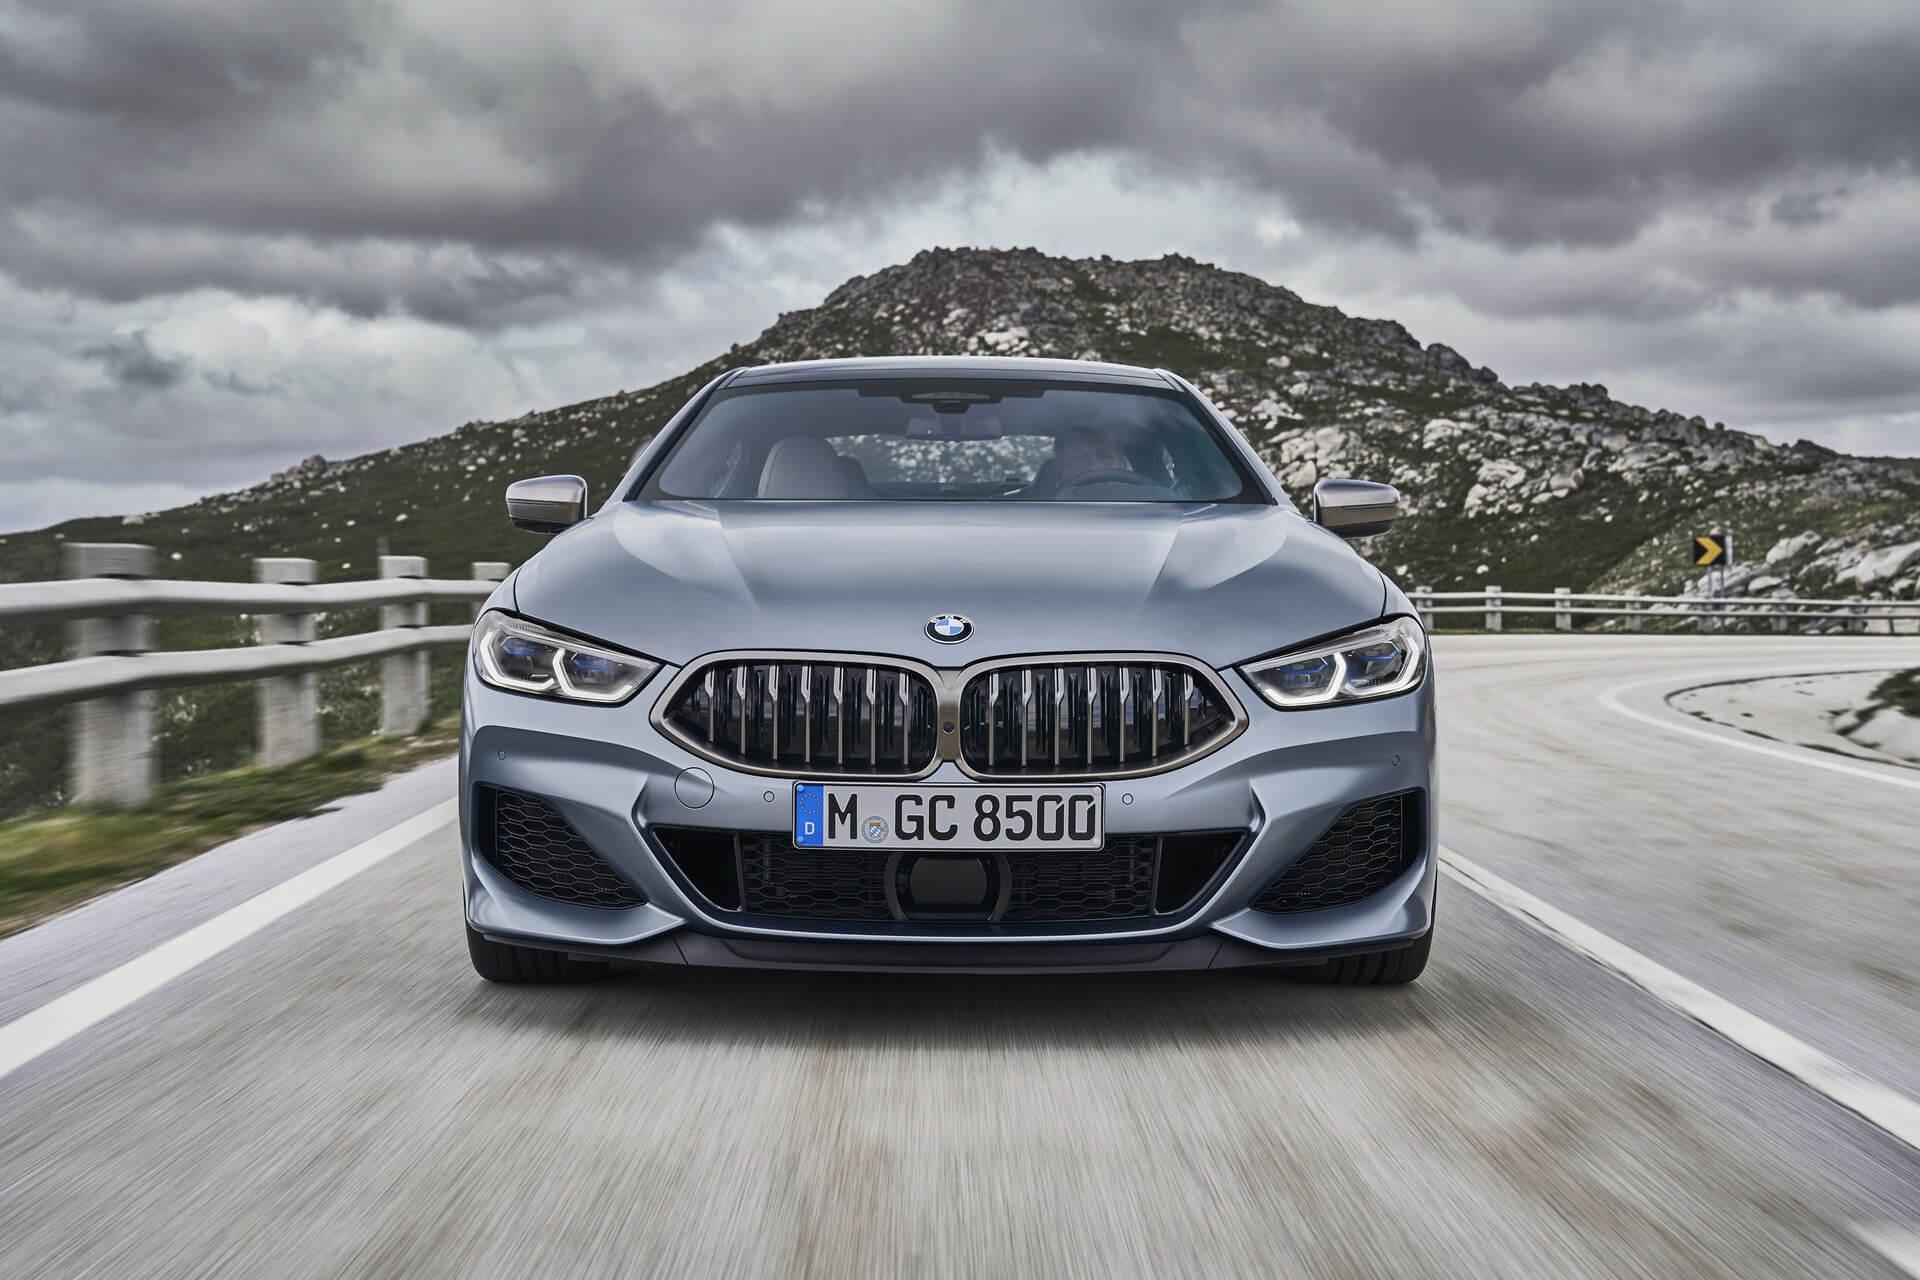 BMW 740Li 2020 sắp ra mắt Việt Nam, giá dự kiến 5,599 tỷ đồng